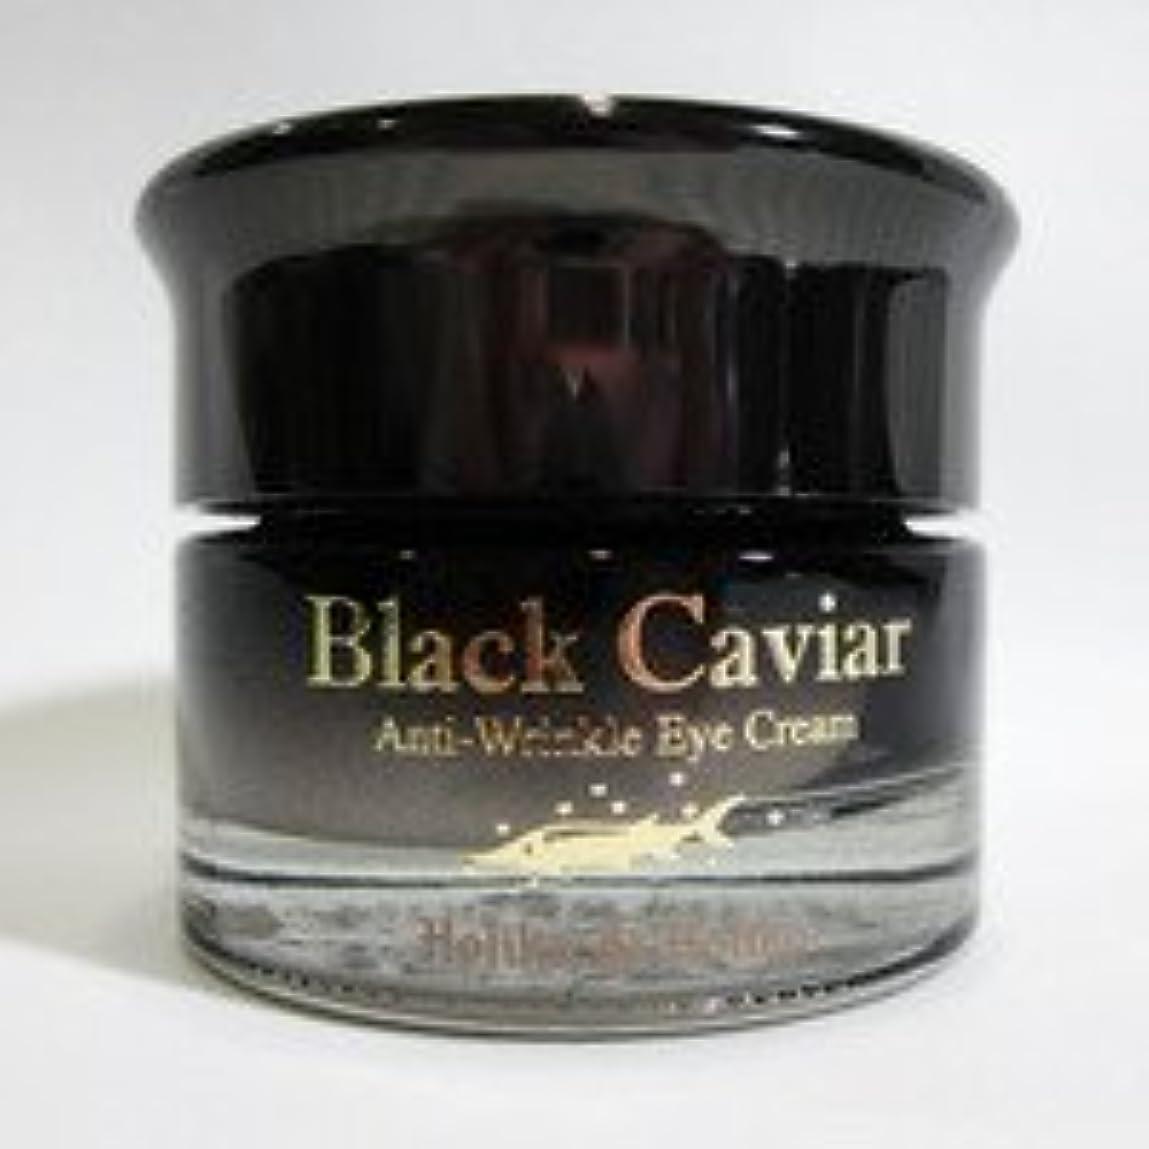 称賛ステップ高度Holika Holika ホリカホリカ ブラックキャビア アンチリンクル クリーム Black Caviar Anti-Wrinkle Cream